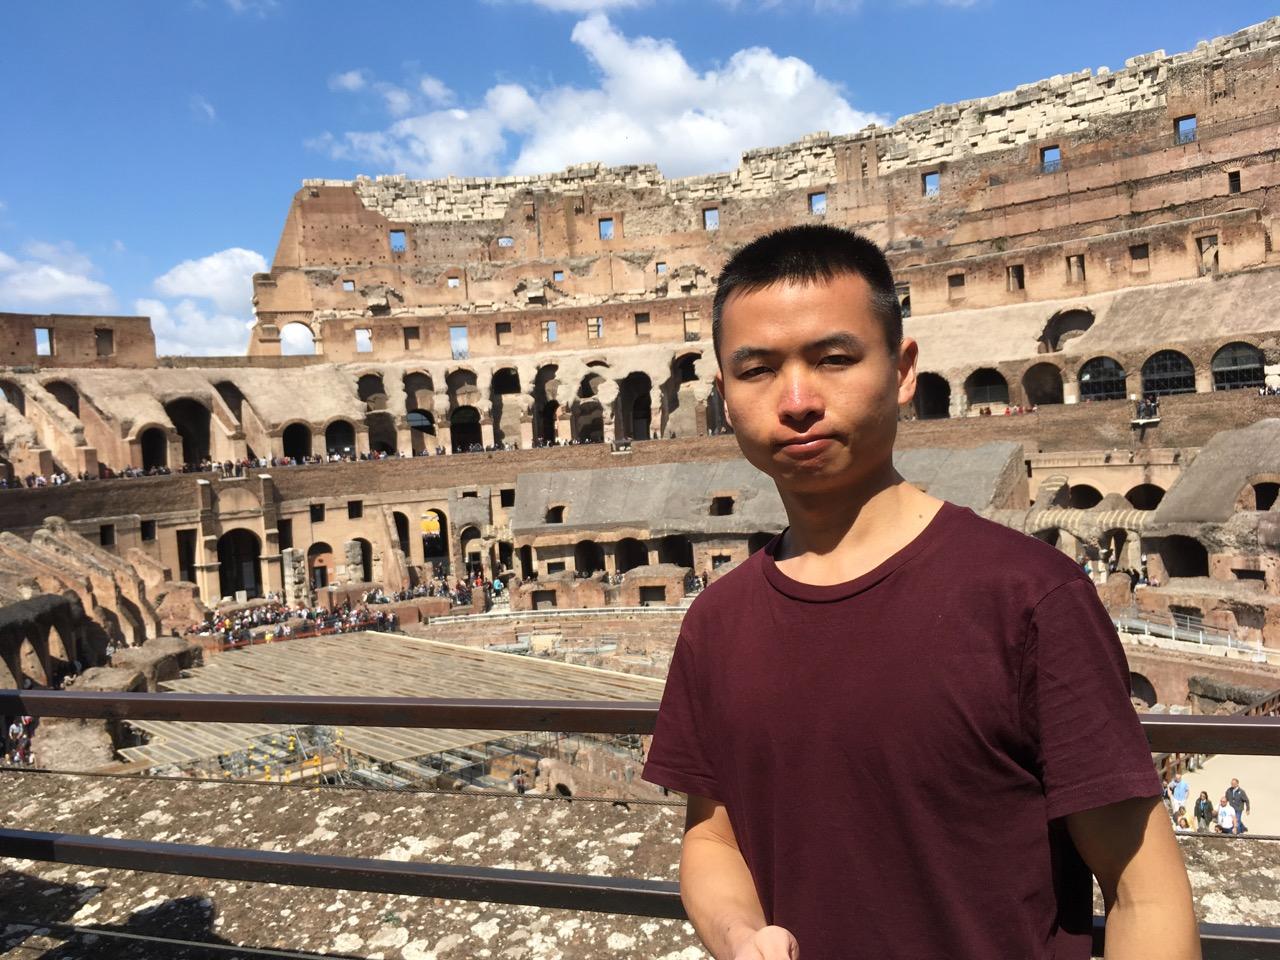 罗马灿烂的阳光让人难以睁开眼睛